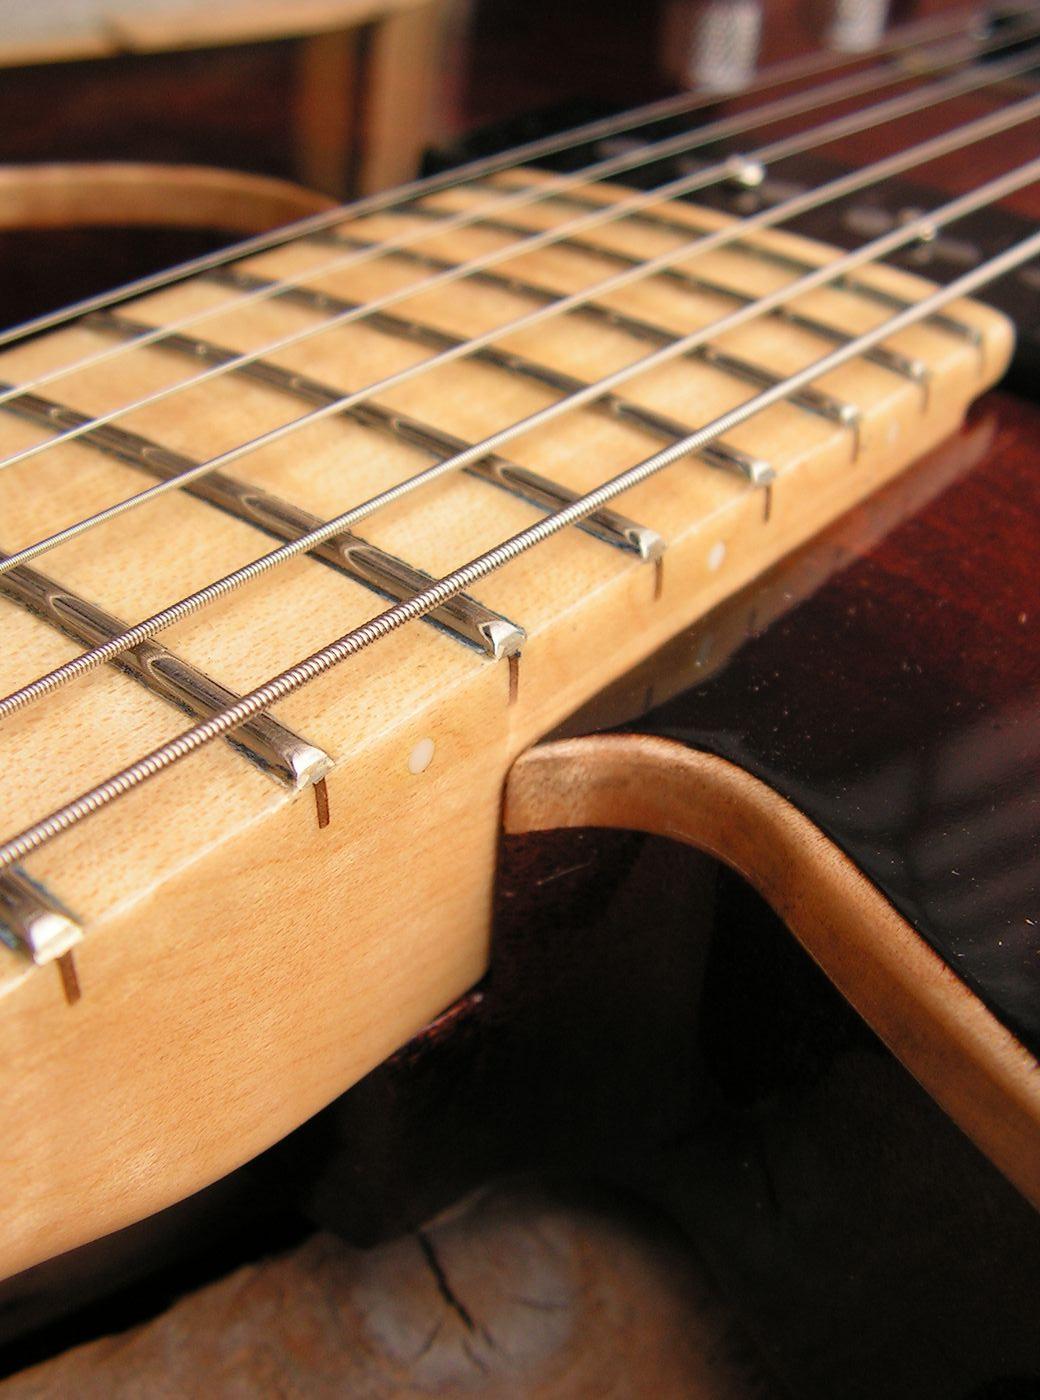 Tastiera in acero di una chitarra Telecaster in mogano con top in acero